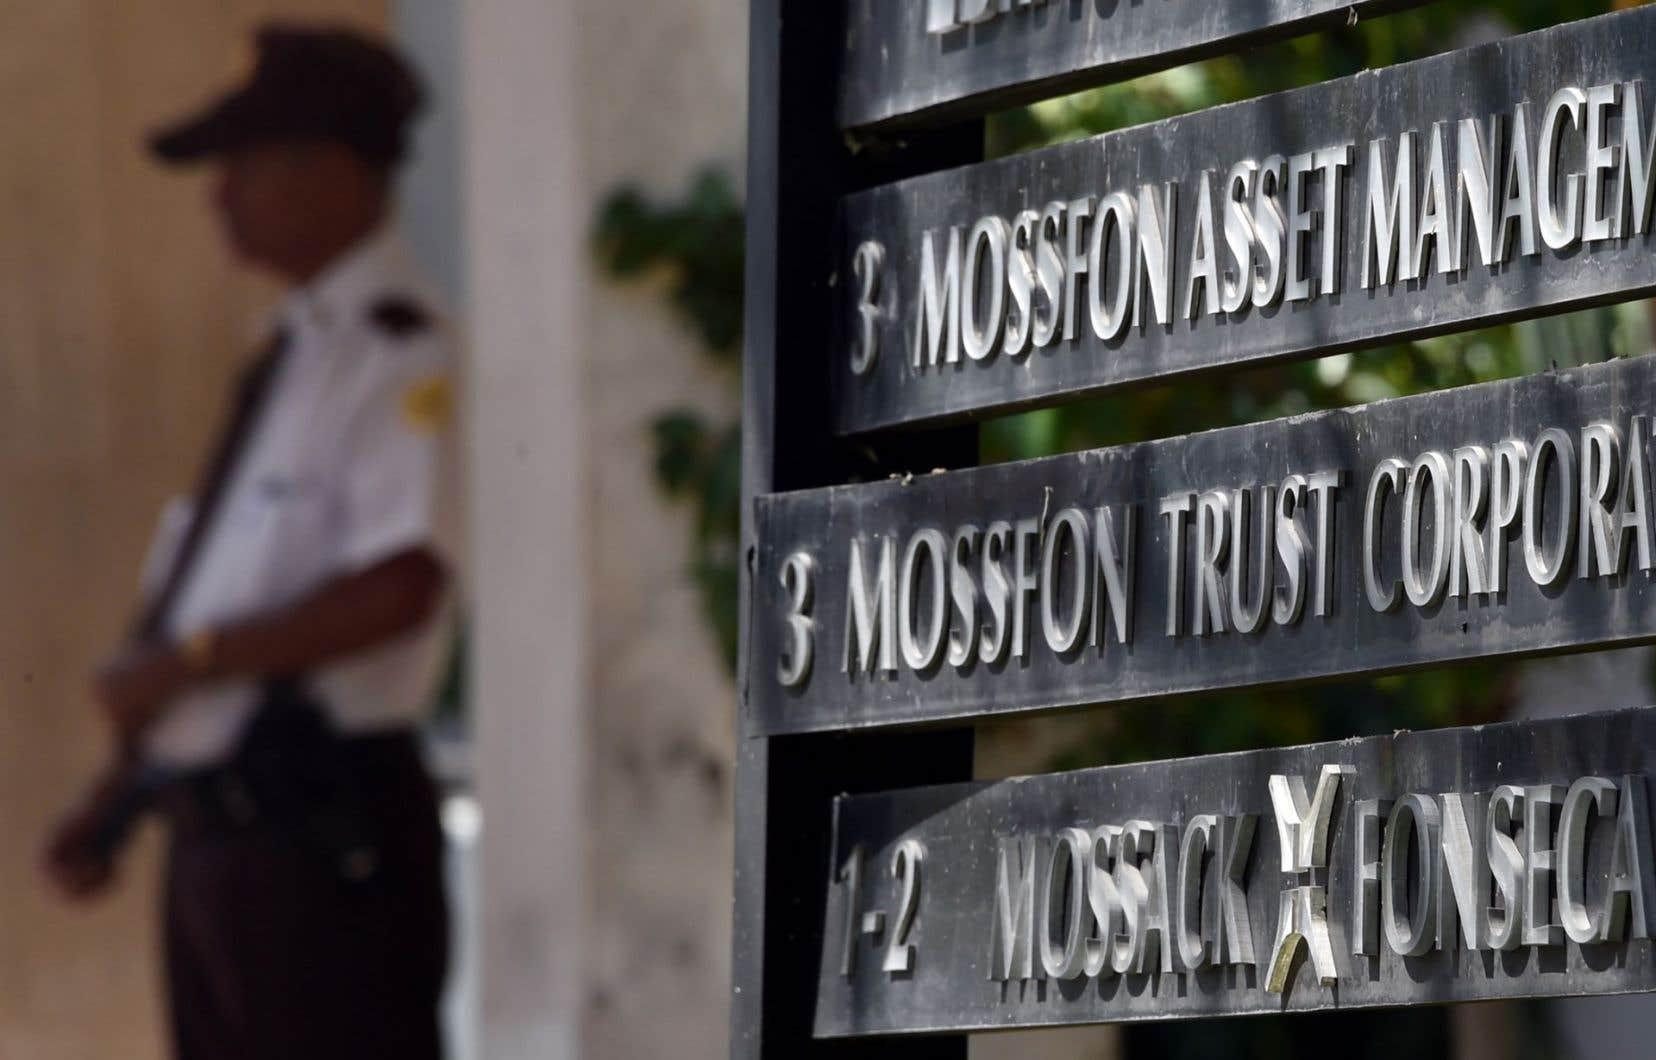 Les Panama Papers, c'est cette fuite de 11,5 millions de documents confidentiels du cabinet panaméen Mossack Fonseca, lequel a permis à de riches clients de cacher des millions de dollars dans des paradis fiscaux.